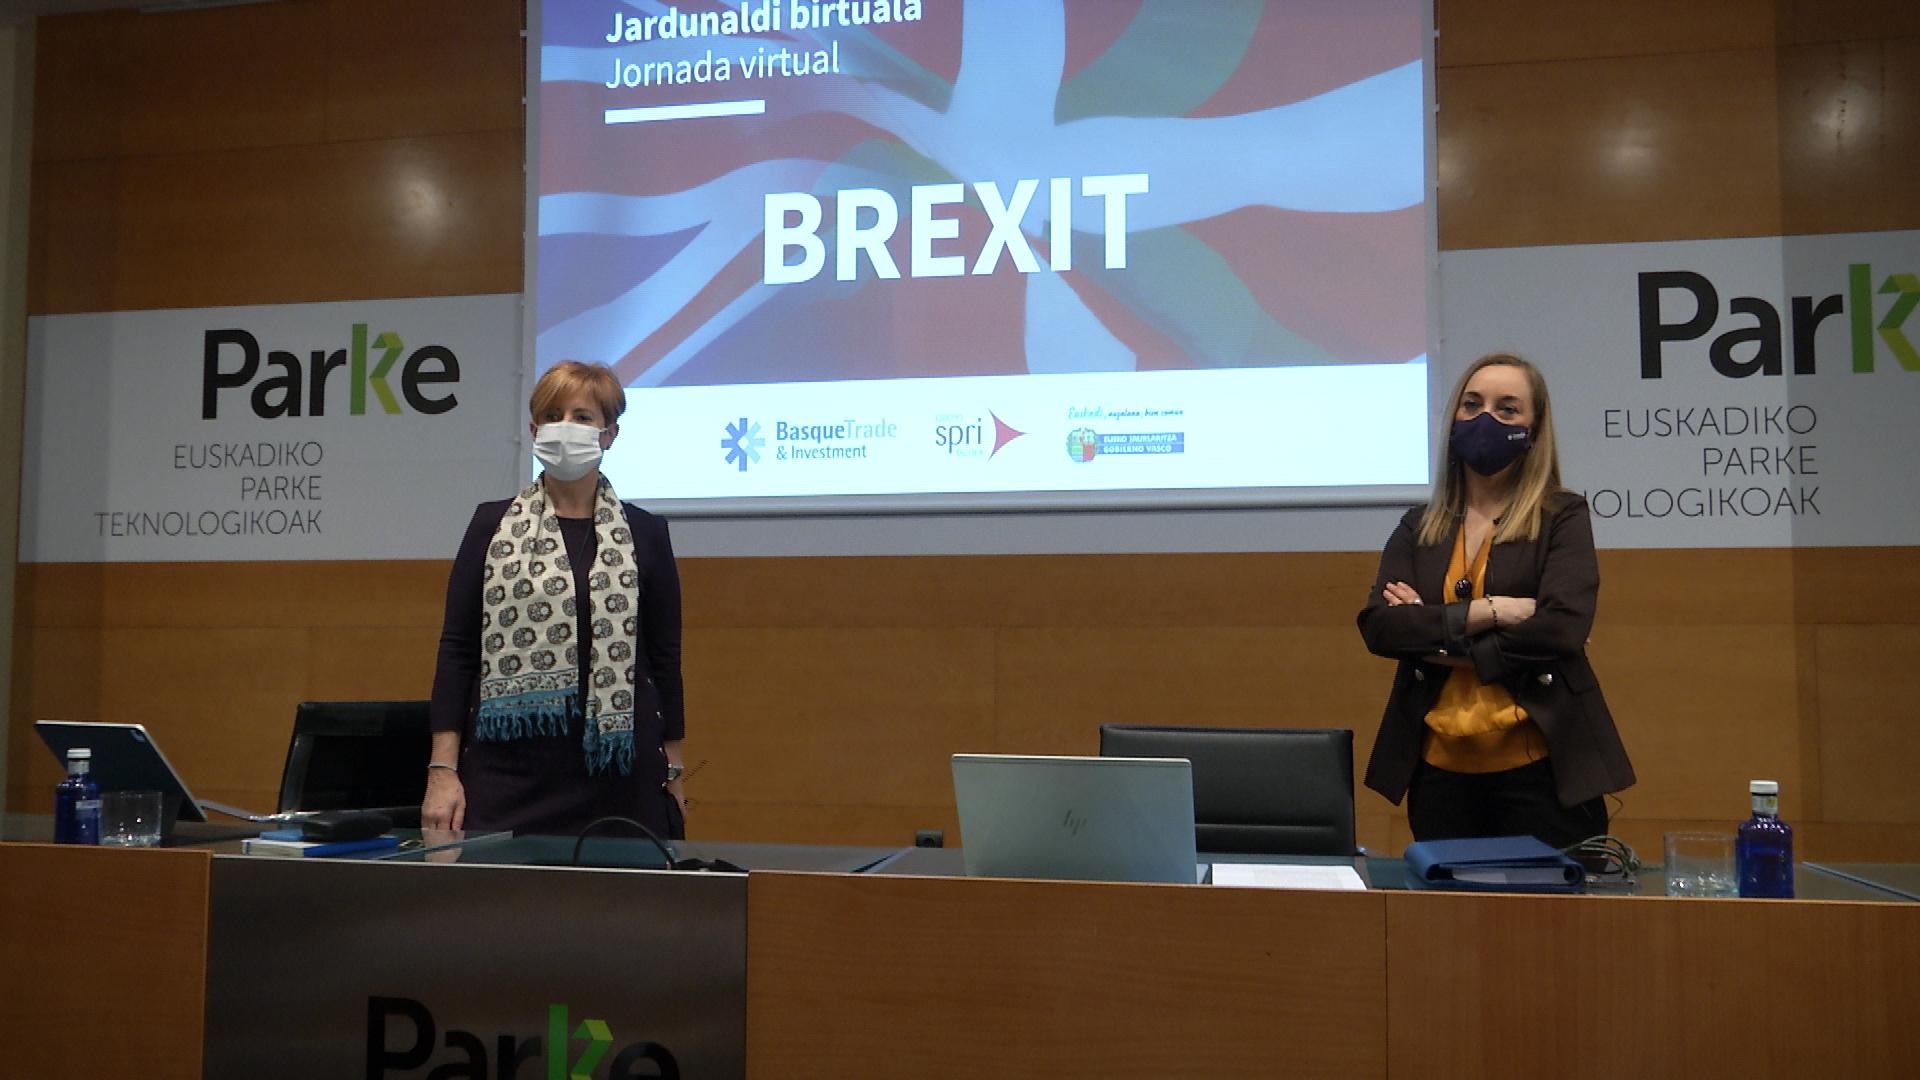 """Arantxa Tapia: """"Las empresas vascas seguirán haciendo negocios con el Reino Unido"""" [9:20]"""